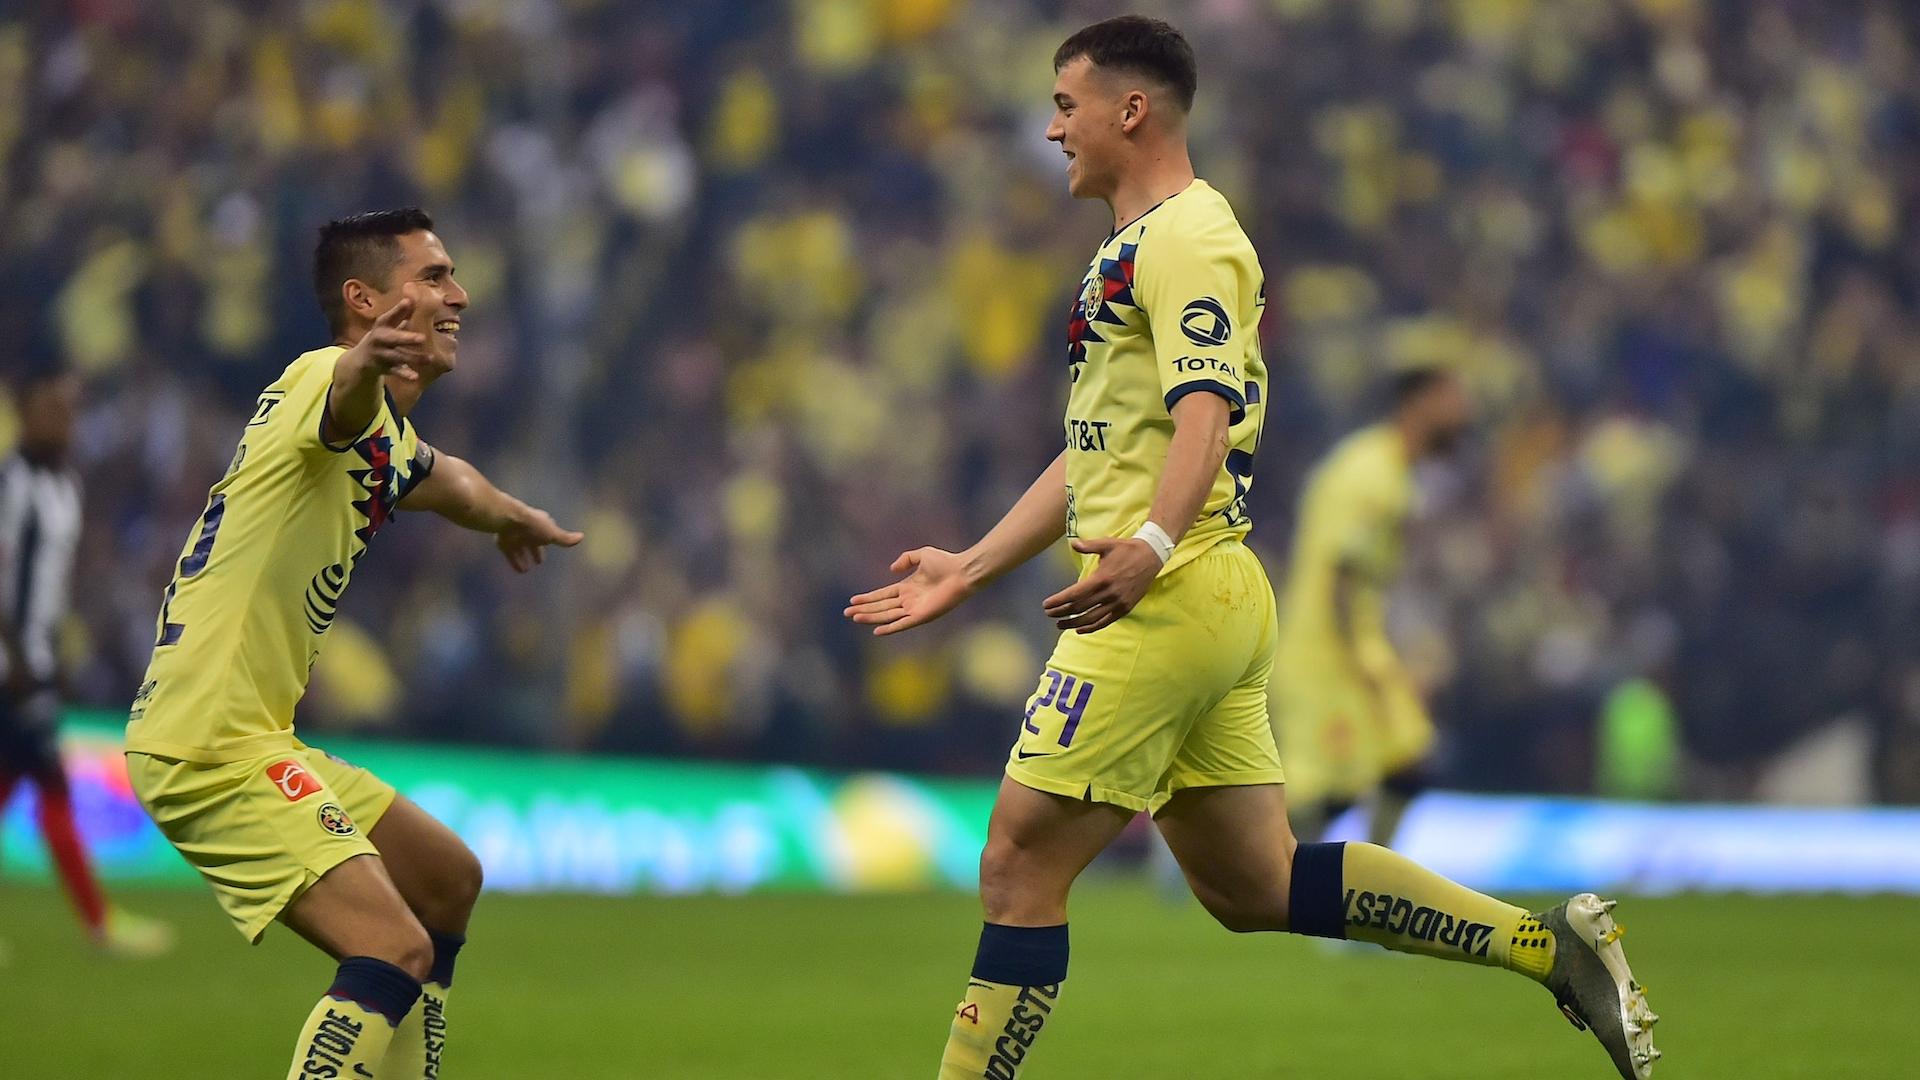 El gol de Federico Viñas, poniendo 1-0 el marcador en el Estadio Azteca, en la final América-Rayados. Foto de Mexsport.